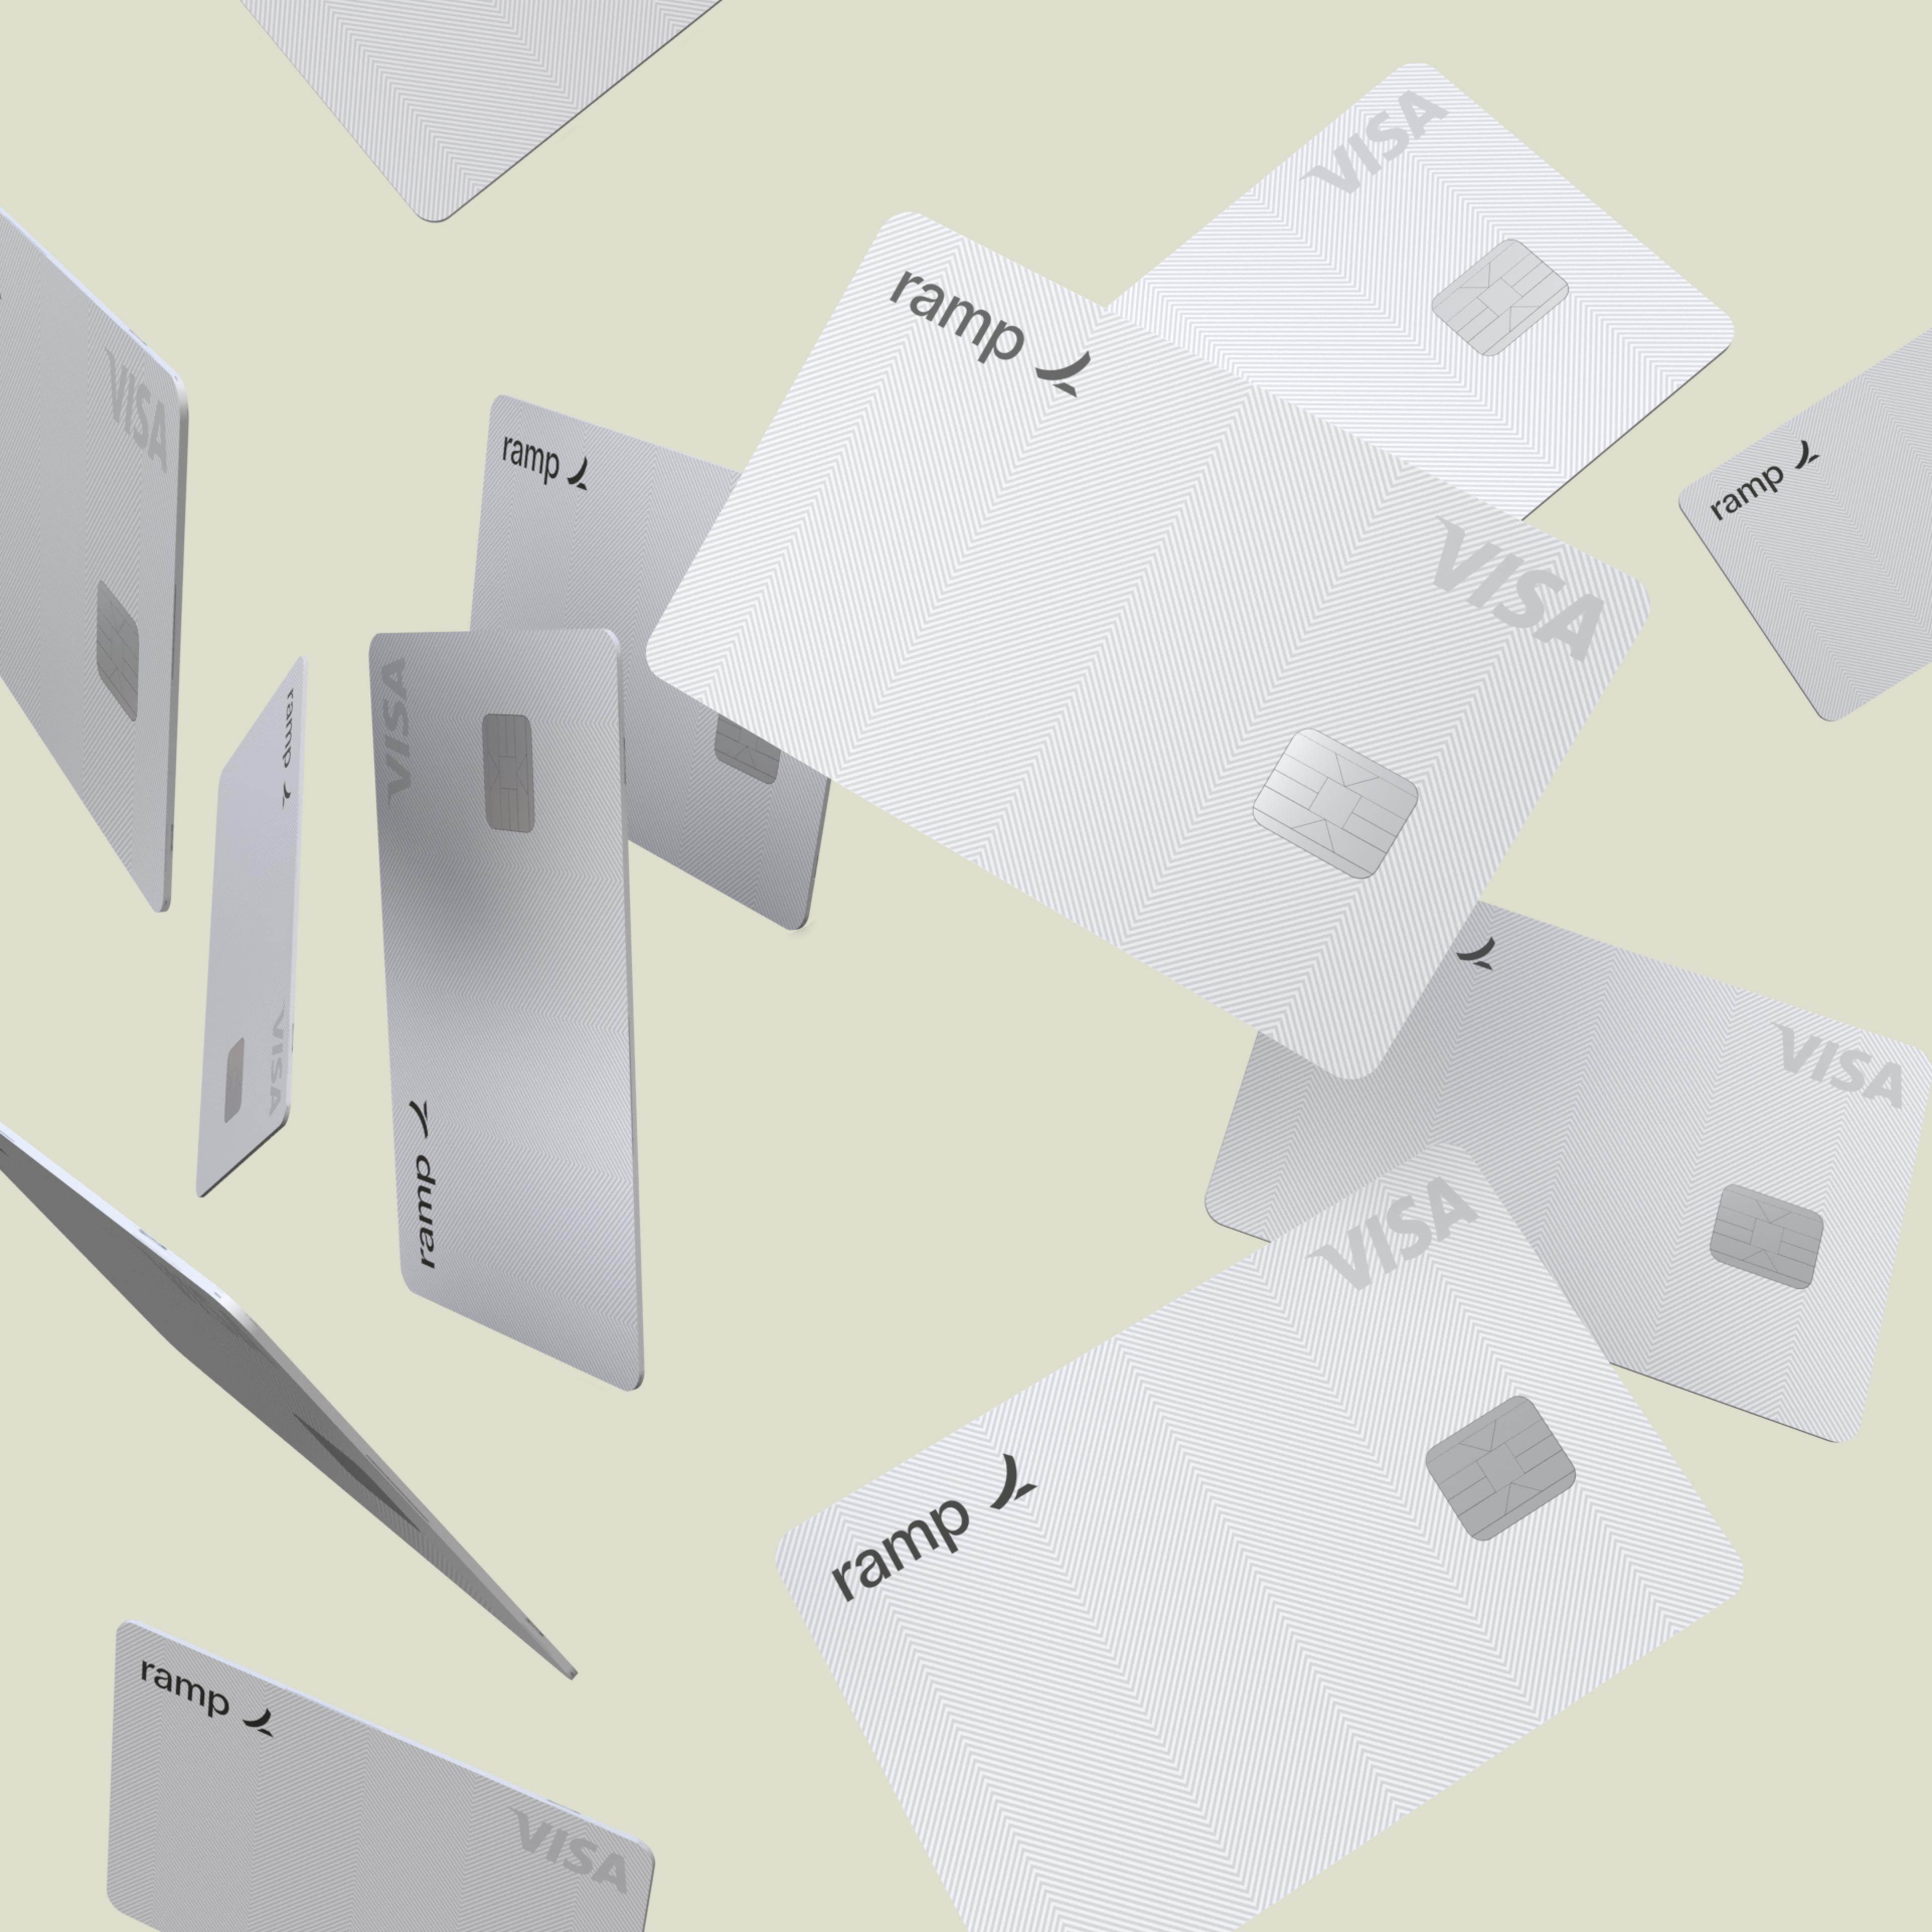 ramp cards falling